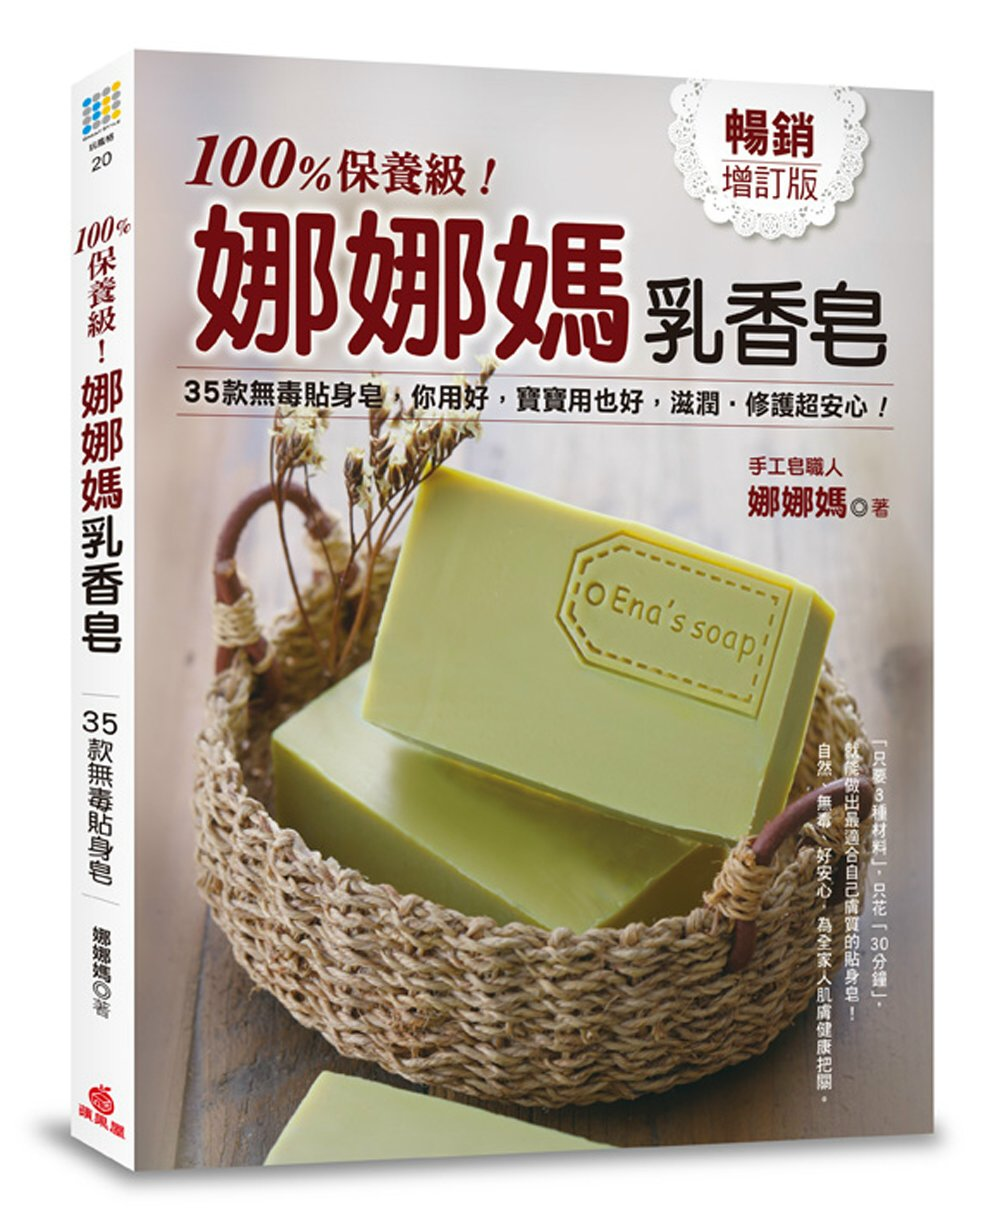 100%保養級!娜娜媽乳香皂:35款無毒貼身皂,你用好,寶寶用也好,滋養、修護超安心!